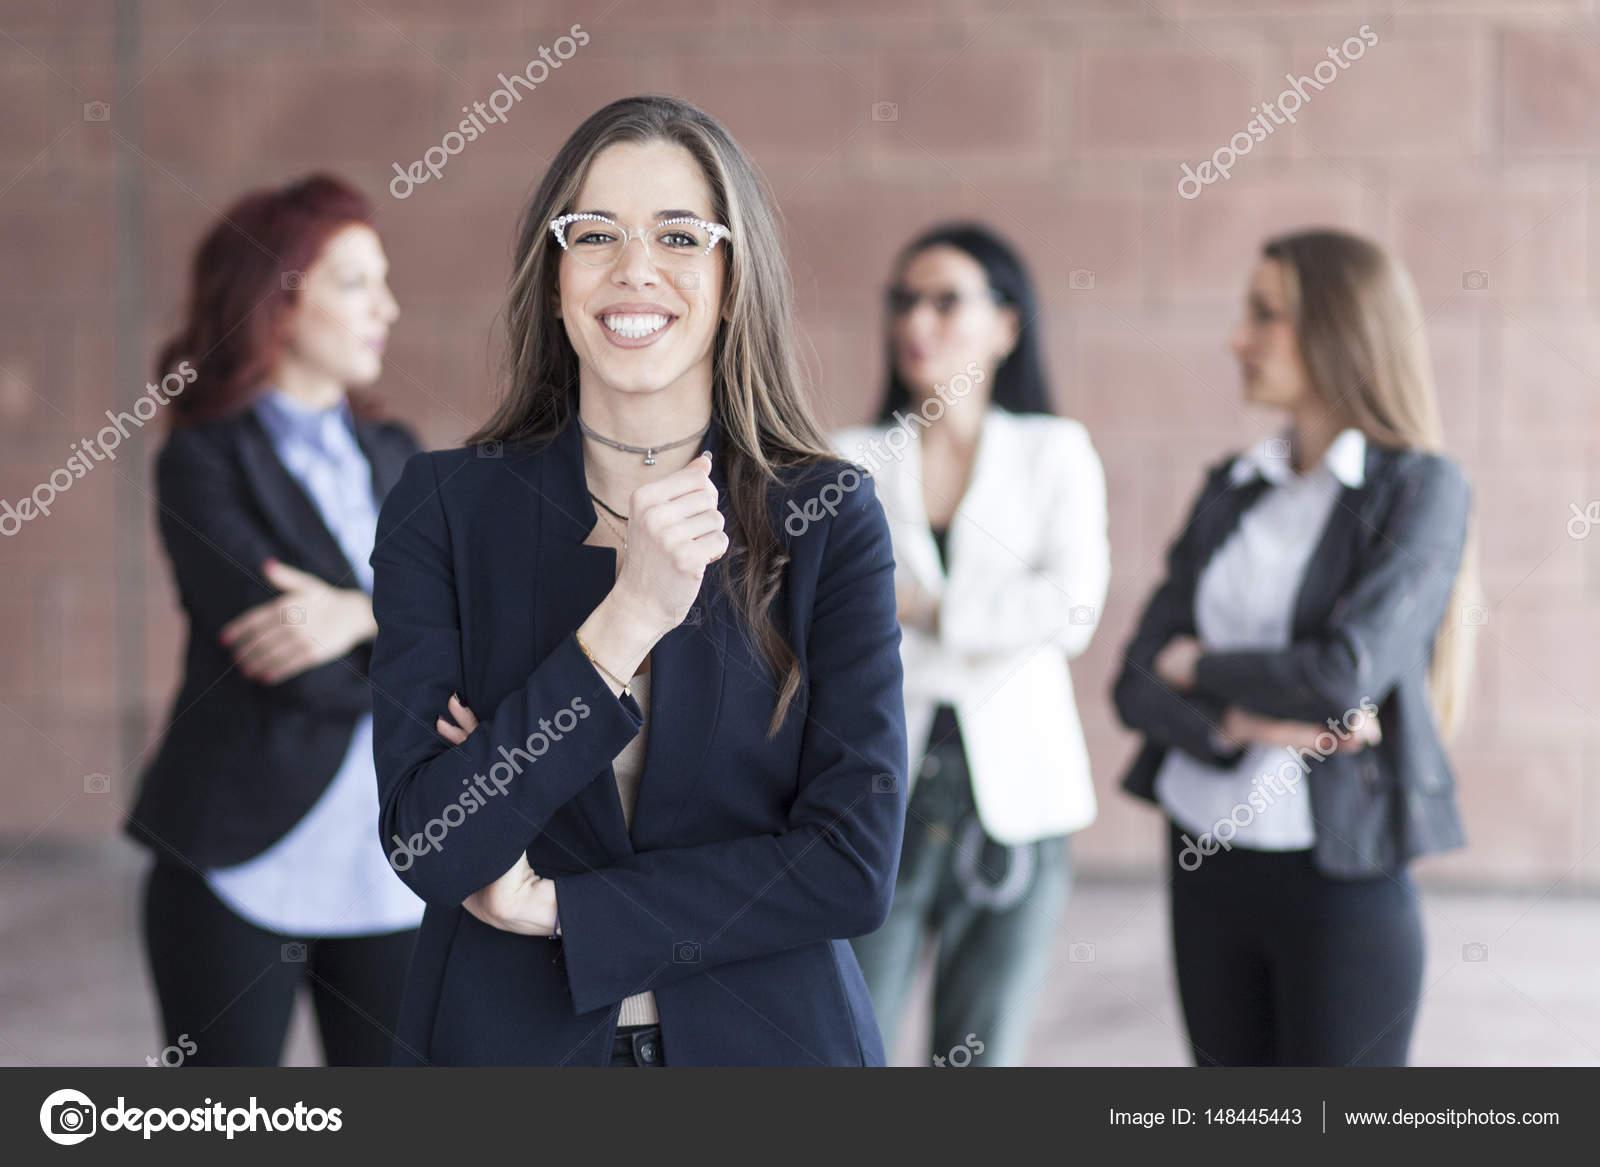 Успешные улыбается женщина бизнес, ведущих бизнес-группы.